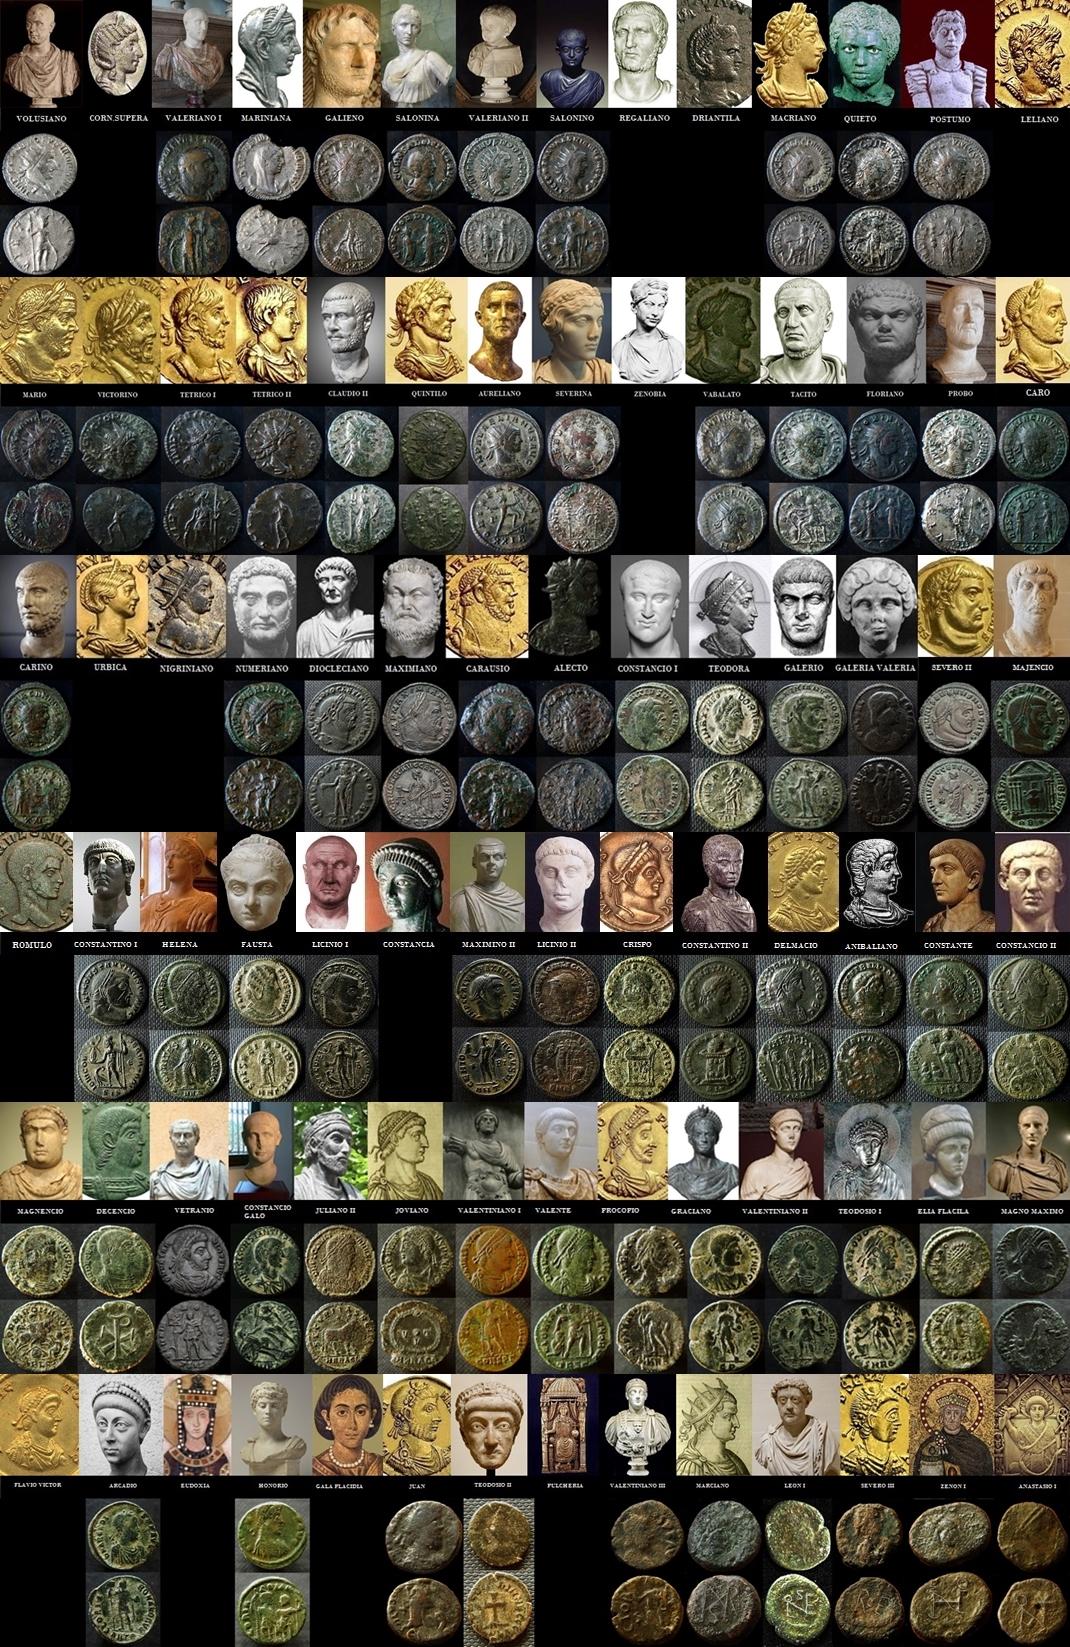 Mis Personalidades Imperiales Romanas (Gracias @JMR por la idea ) - Página 2 2vubnm9